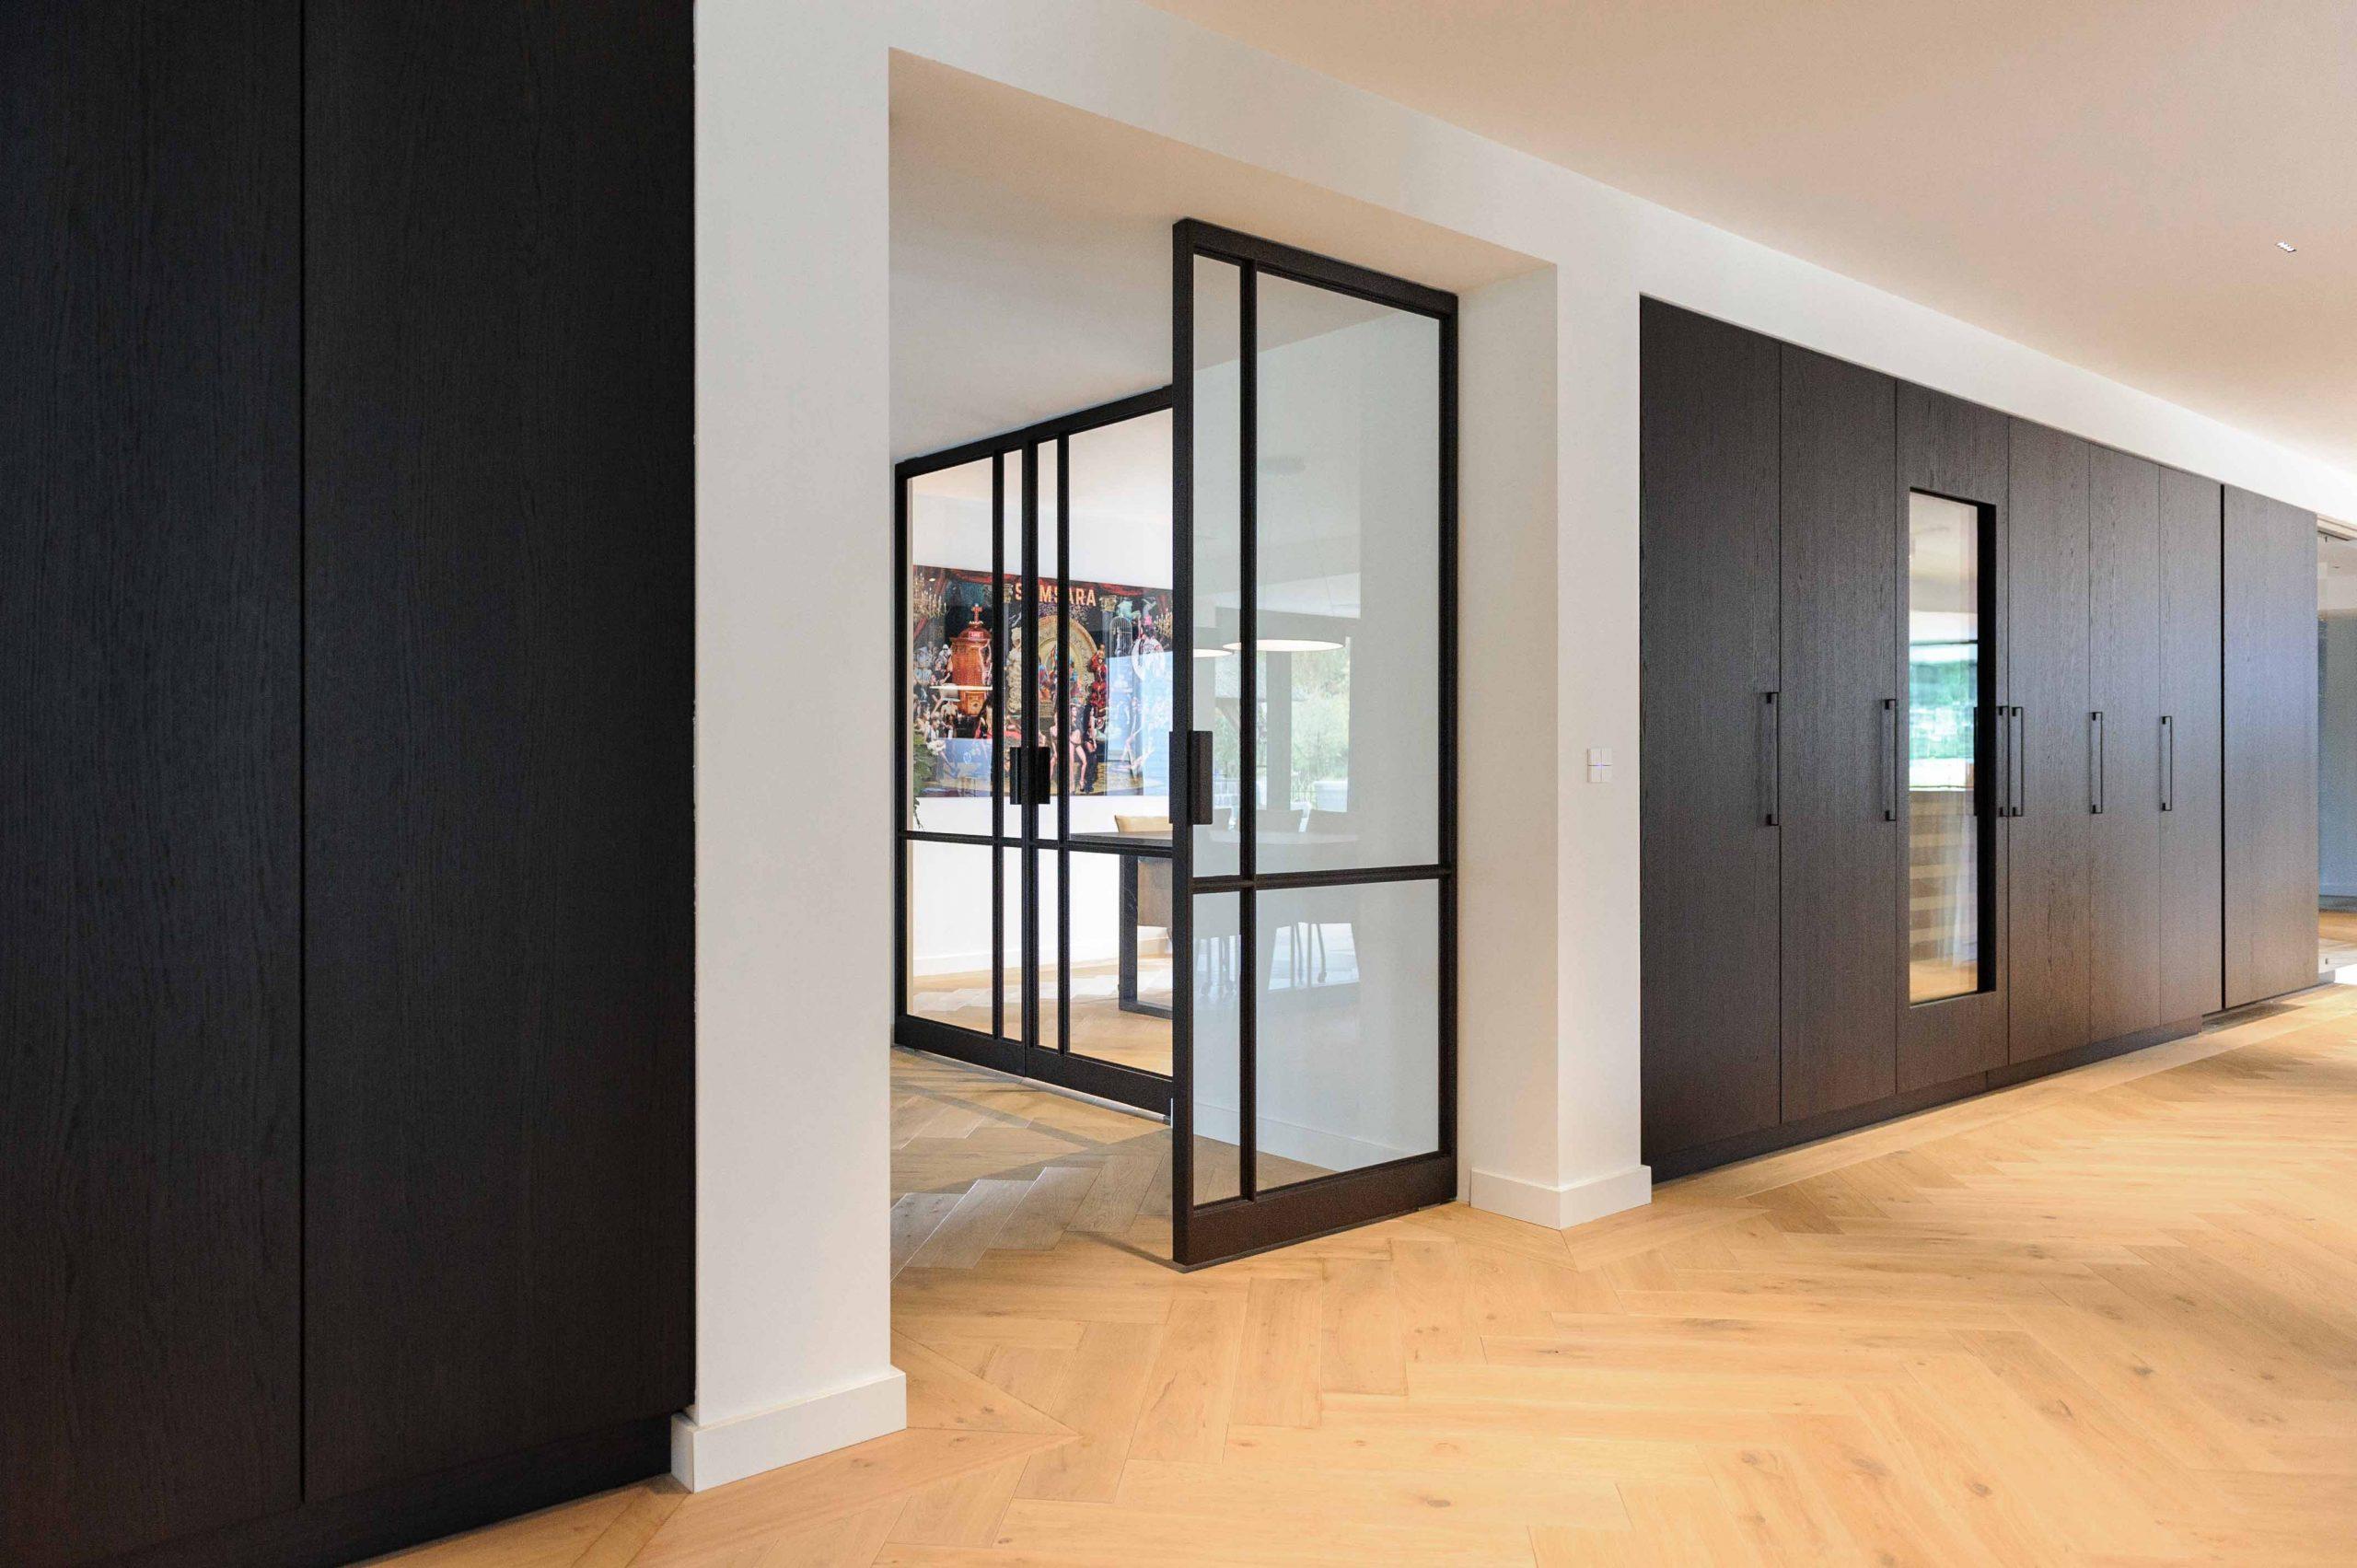 2592-multiple-glass-and-steel-pivot-doors-designed-by-preferro-fritsjurgens-pivot-hinges-inside-scaled.jpg